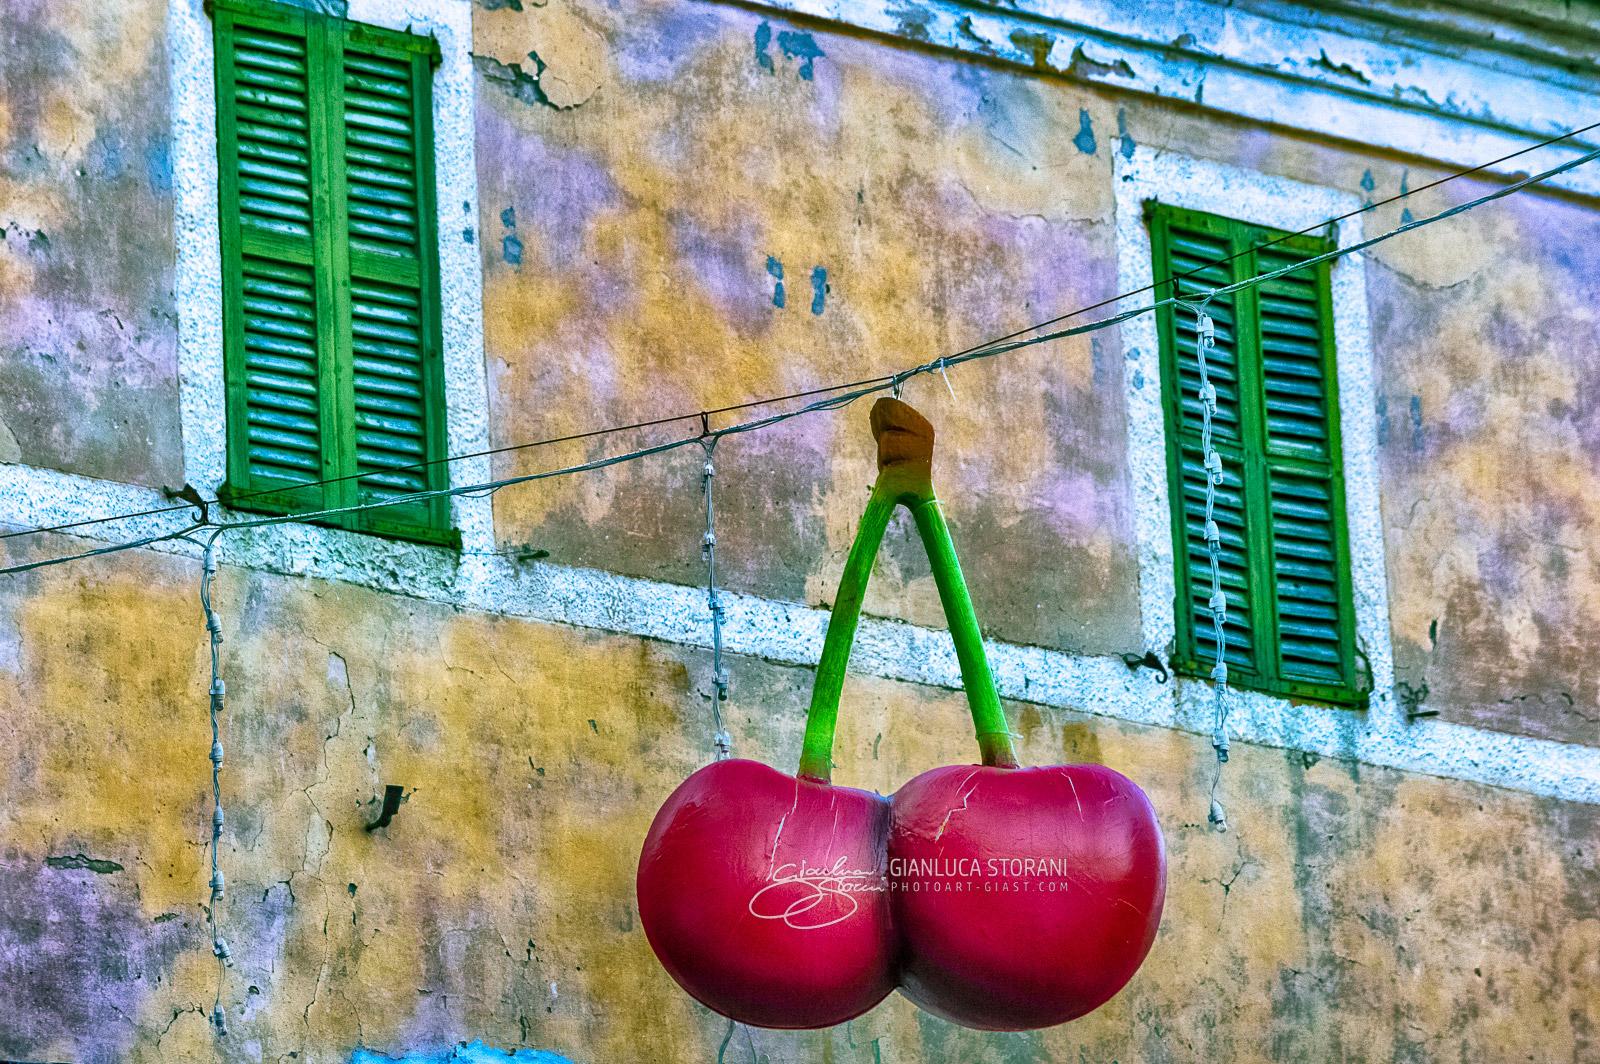 Festa del Vì de Visciola 2017 - Gianluca Storani Photo Art (ID: 4-5024)